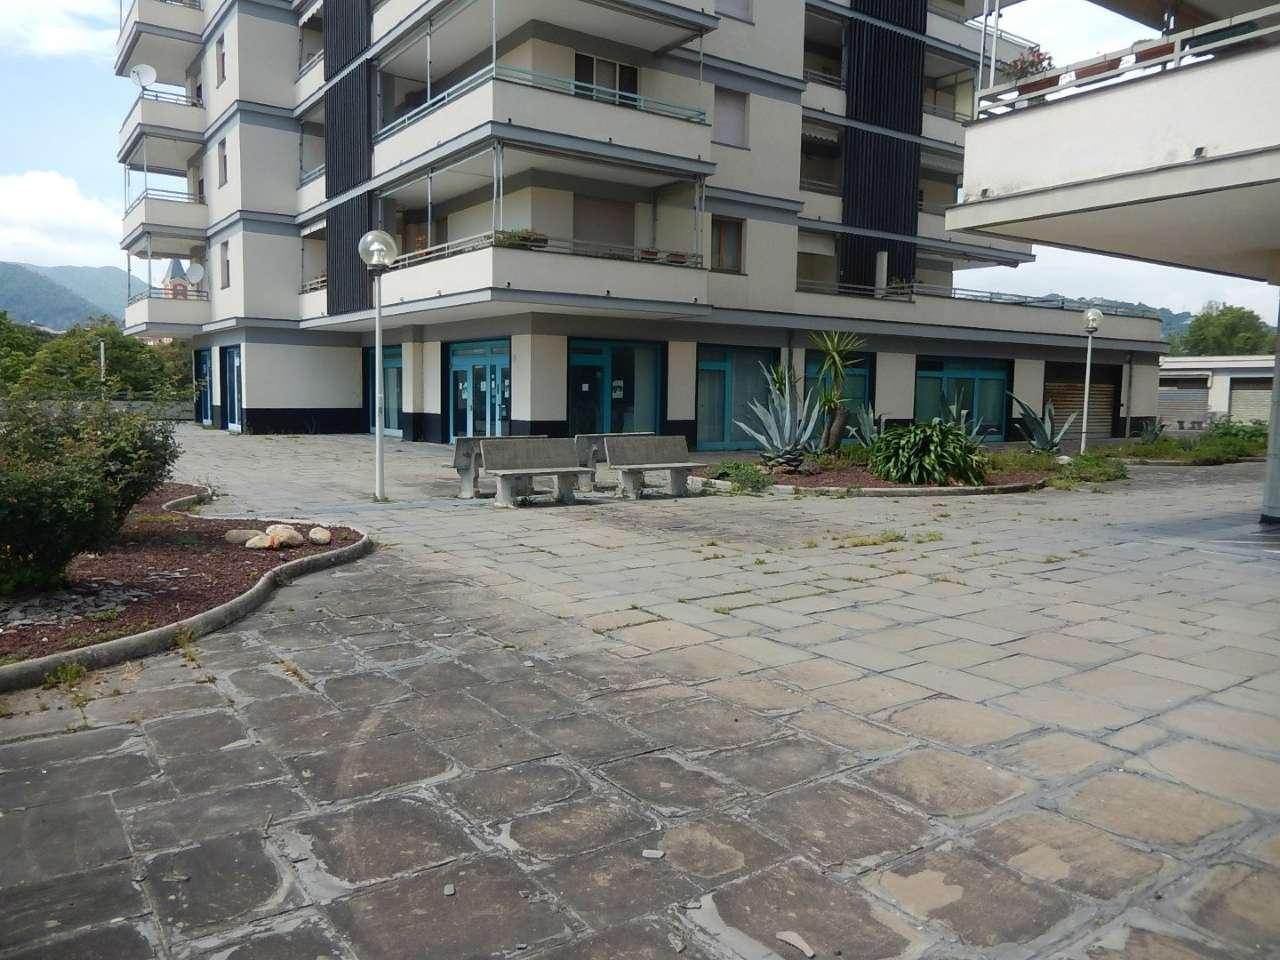 Negozio / Locale in vendita a Lavagna, 2 locali, prezzo € 950.000 | PortaleAgenzieImmobiliari.it